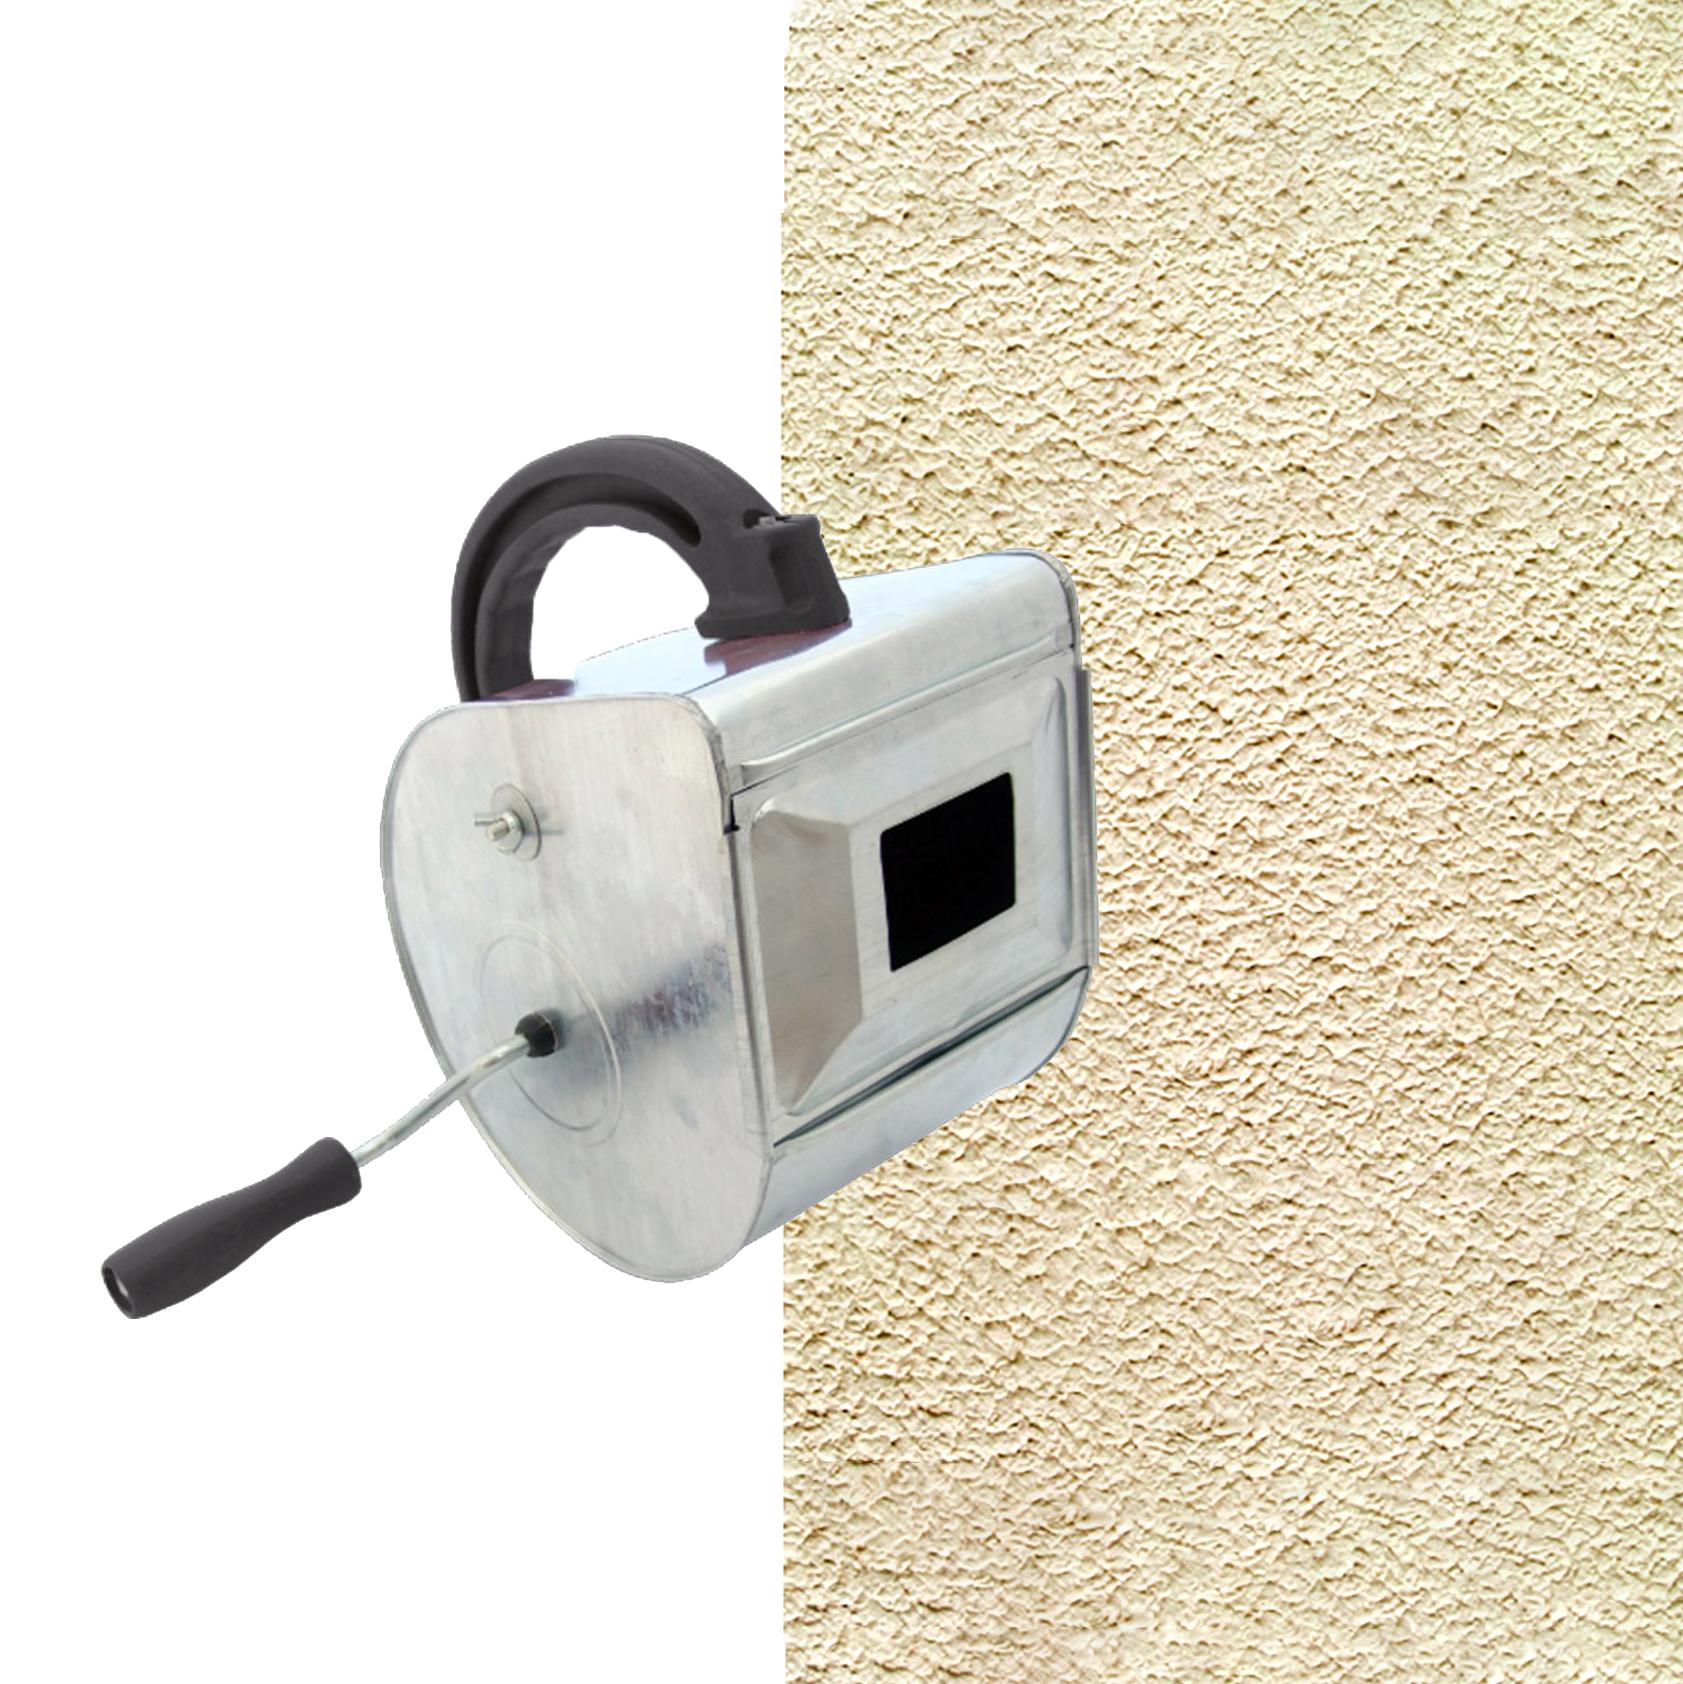 Image of Masina de batut calciu, dispozitiv vopsit, tencuit, aplicare calciu, tencuiala decorativa